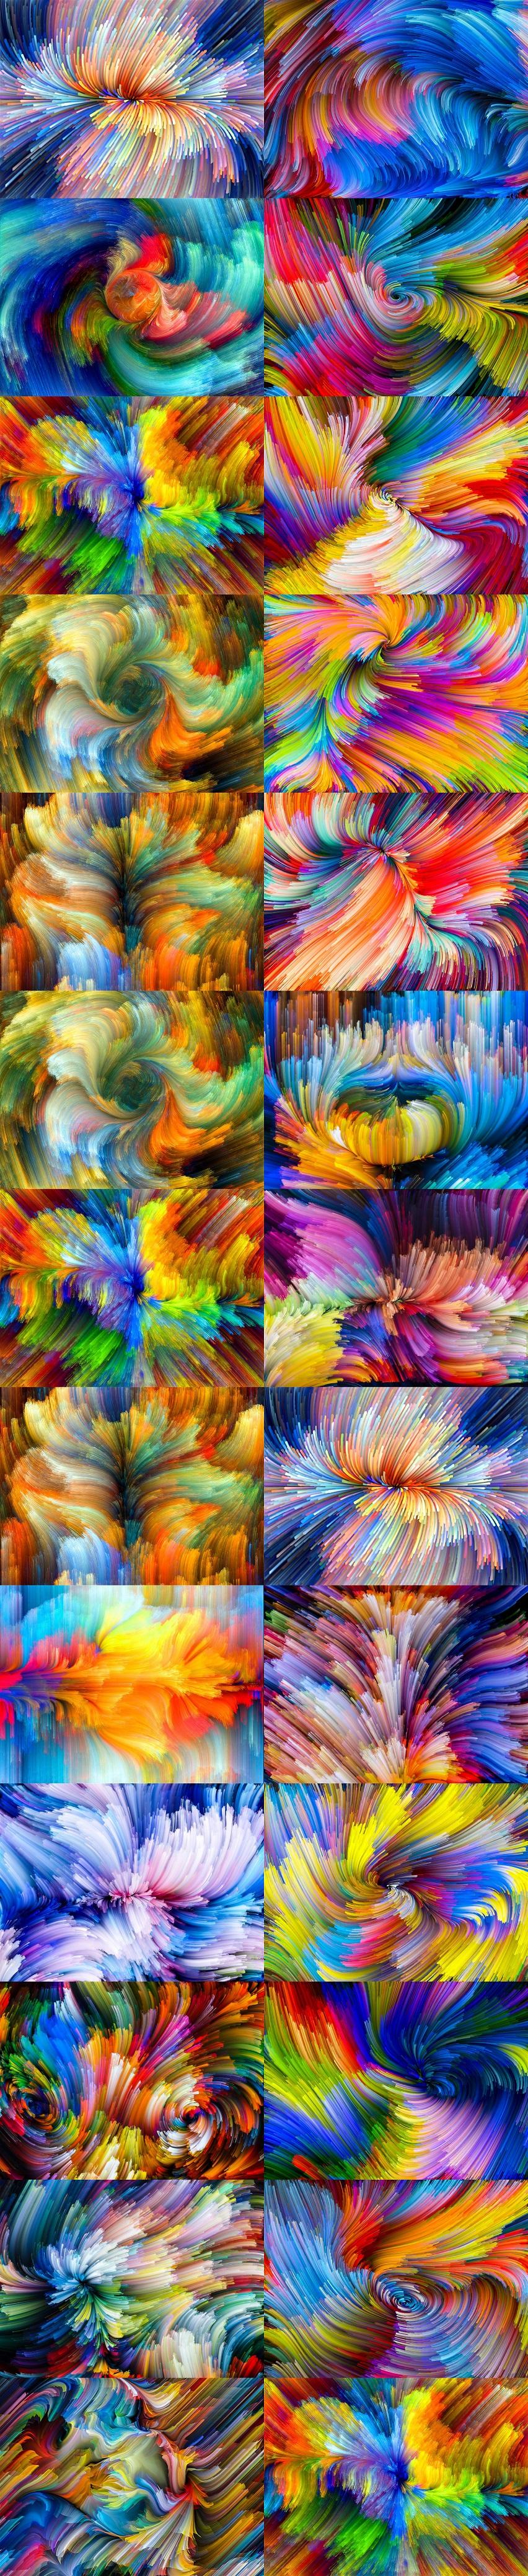 作品标题:多彩颜料梦幻创意背景图片